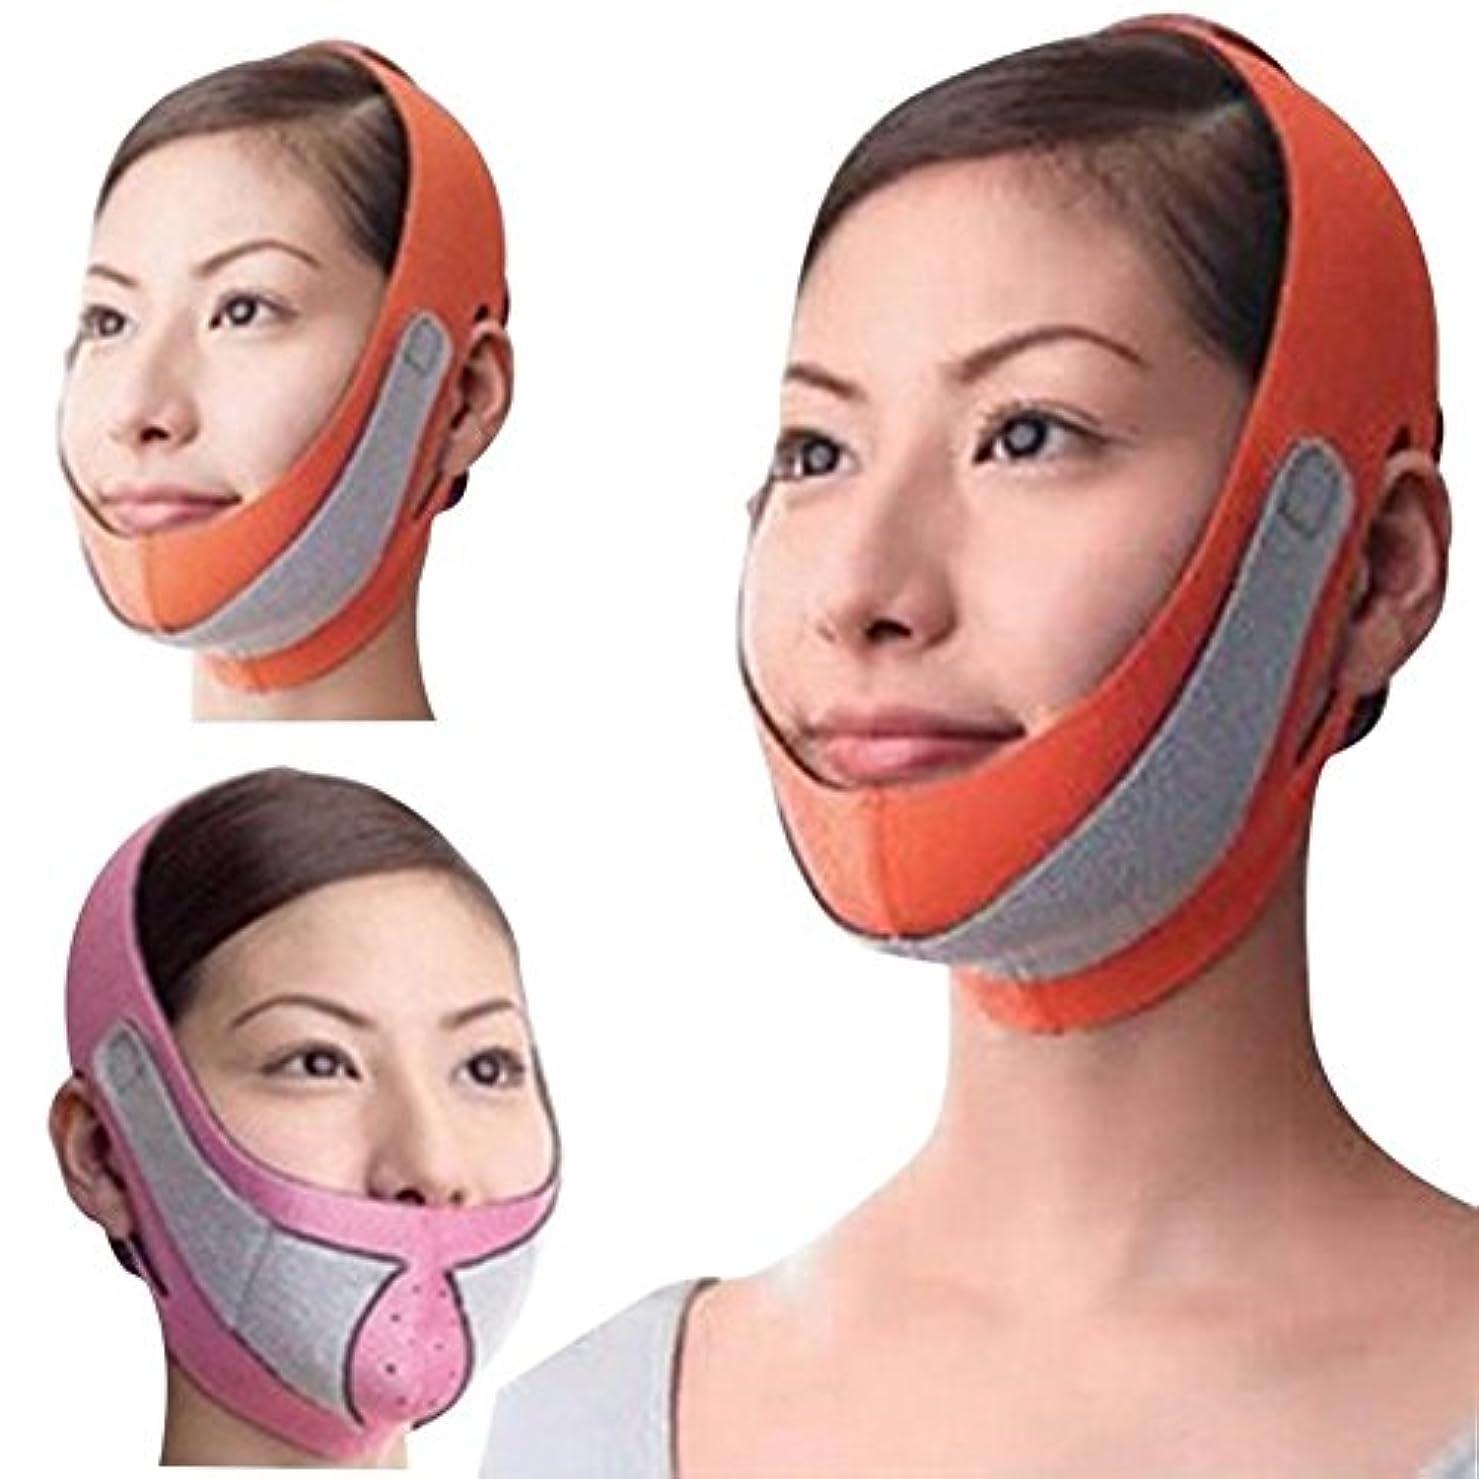 並外れたマチュピチュジャニスRemeehi 引き上げマスク 頬のたるみ 額 顎下 頬リフトアップ ピンク グレー 弾力V-ラインマスク 引っ張る リフティング フェイス リフトスリムマスク 美容 フェイスマスク ピンク